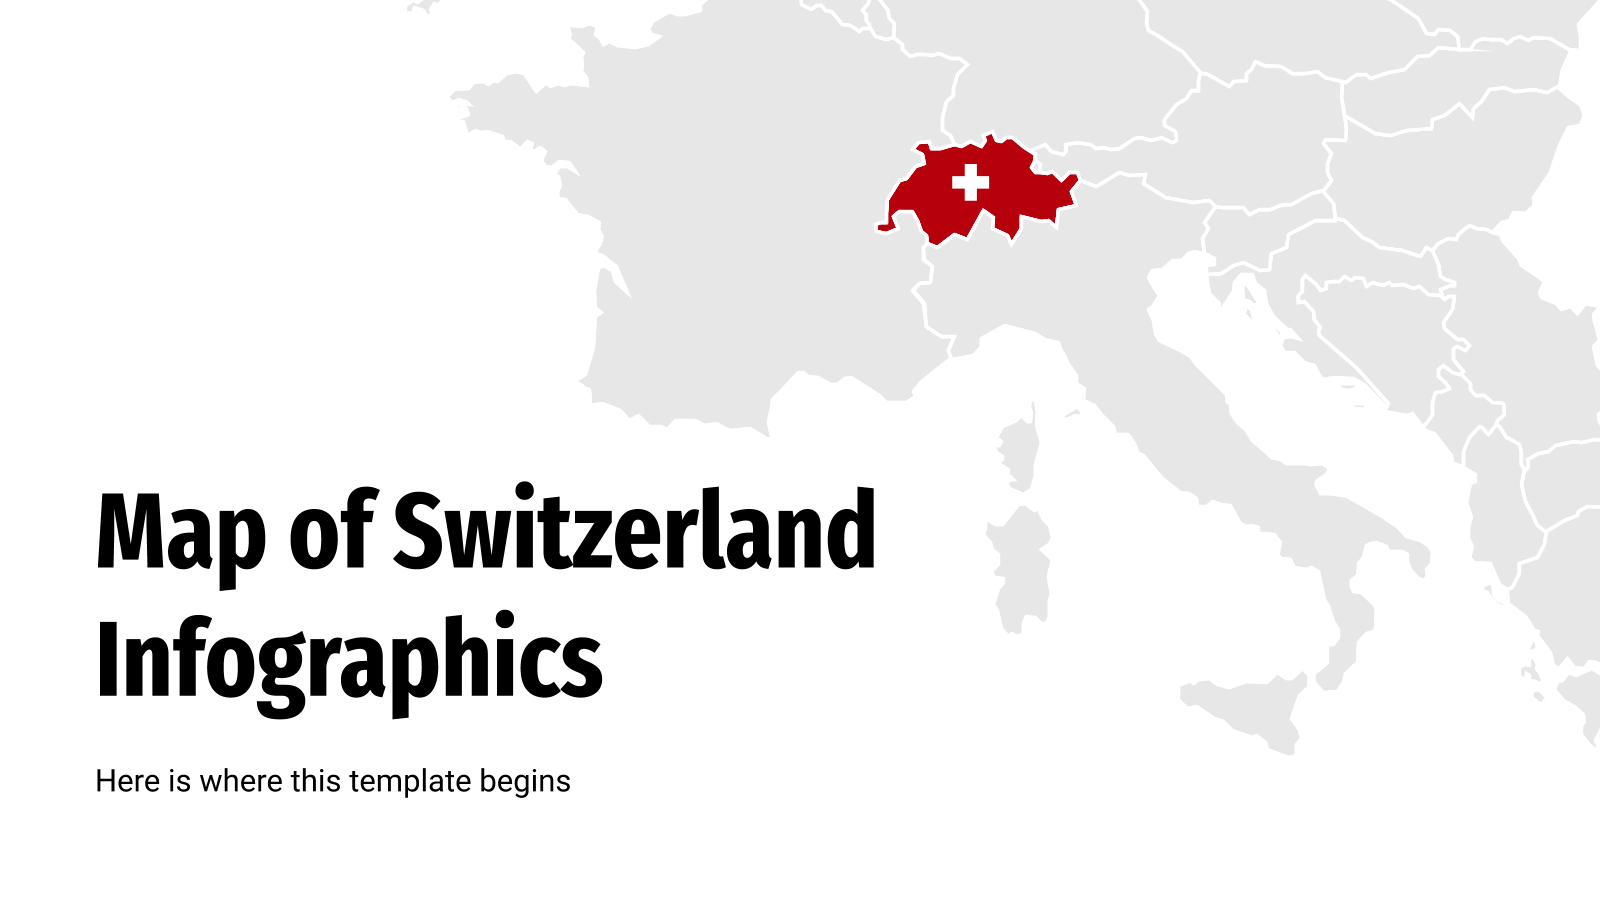 Infographies de carte de la Suisse : Modèles de présentation